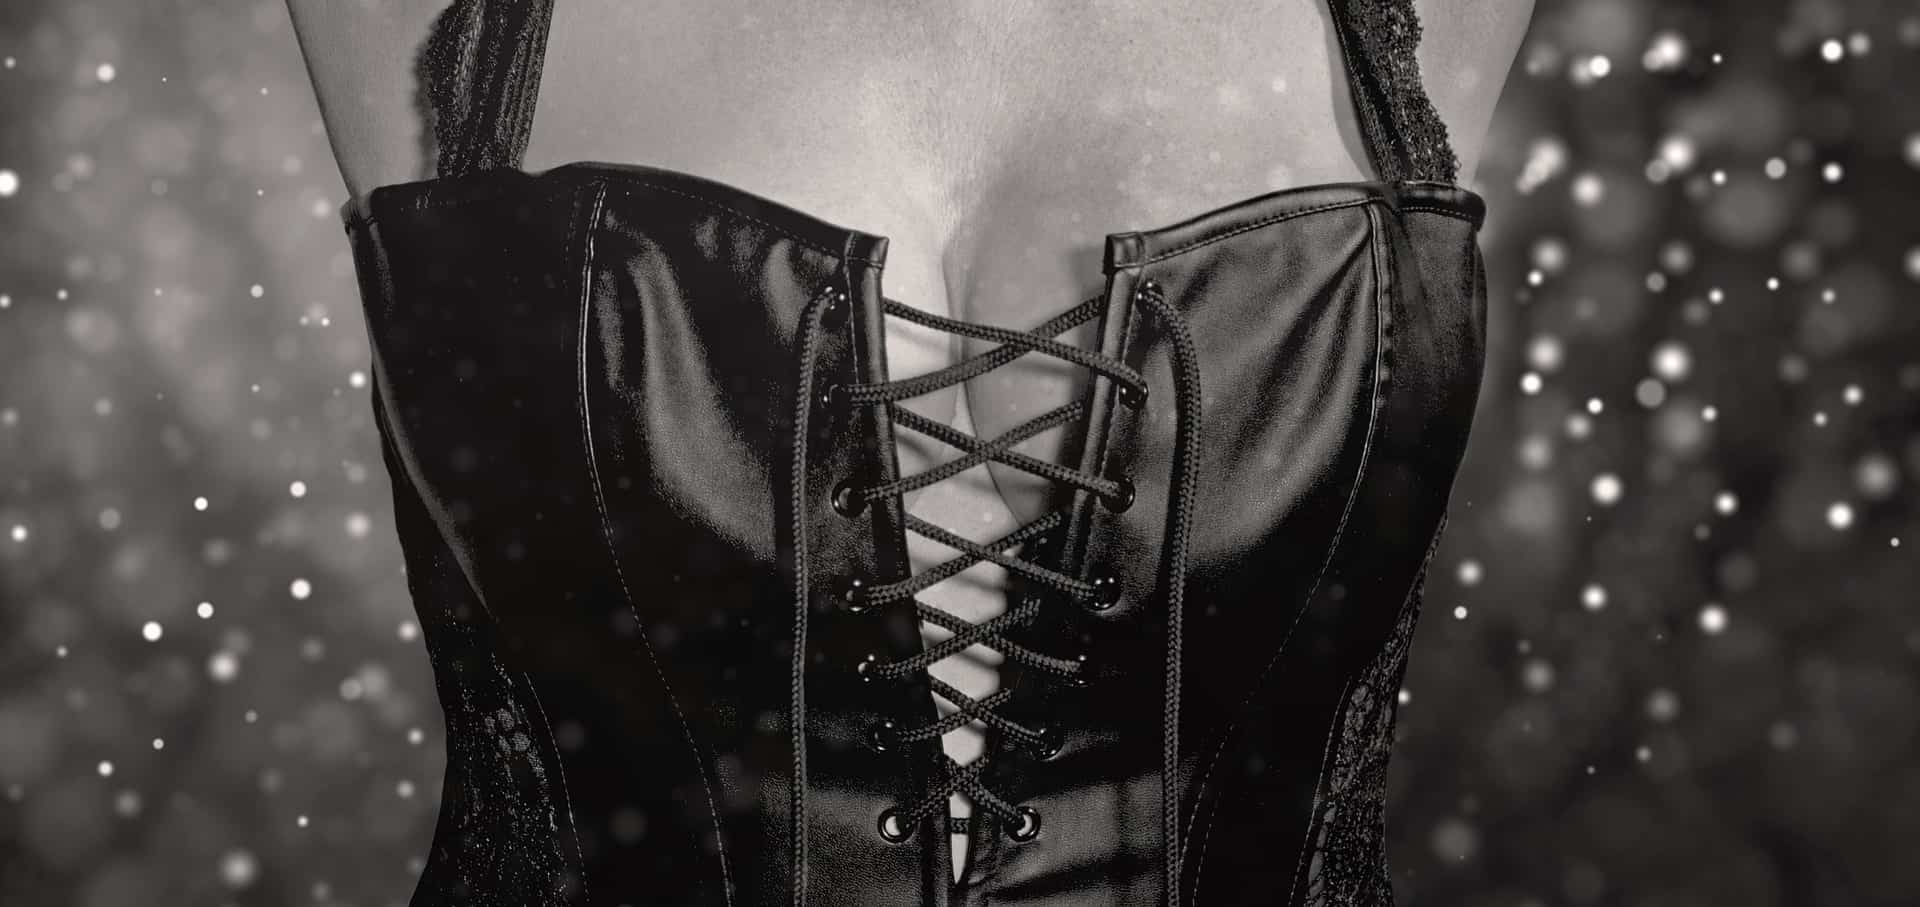 Imagem de mulher usando lingerie sensual preta em estilo corpete.